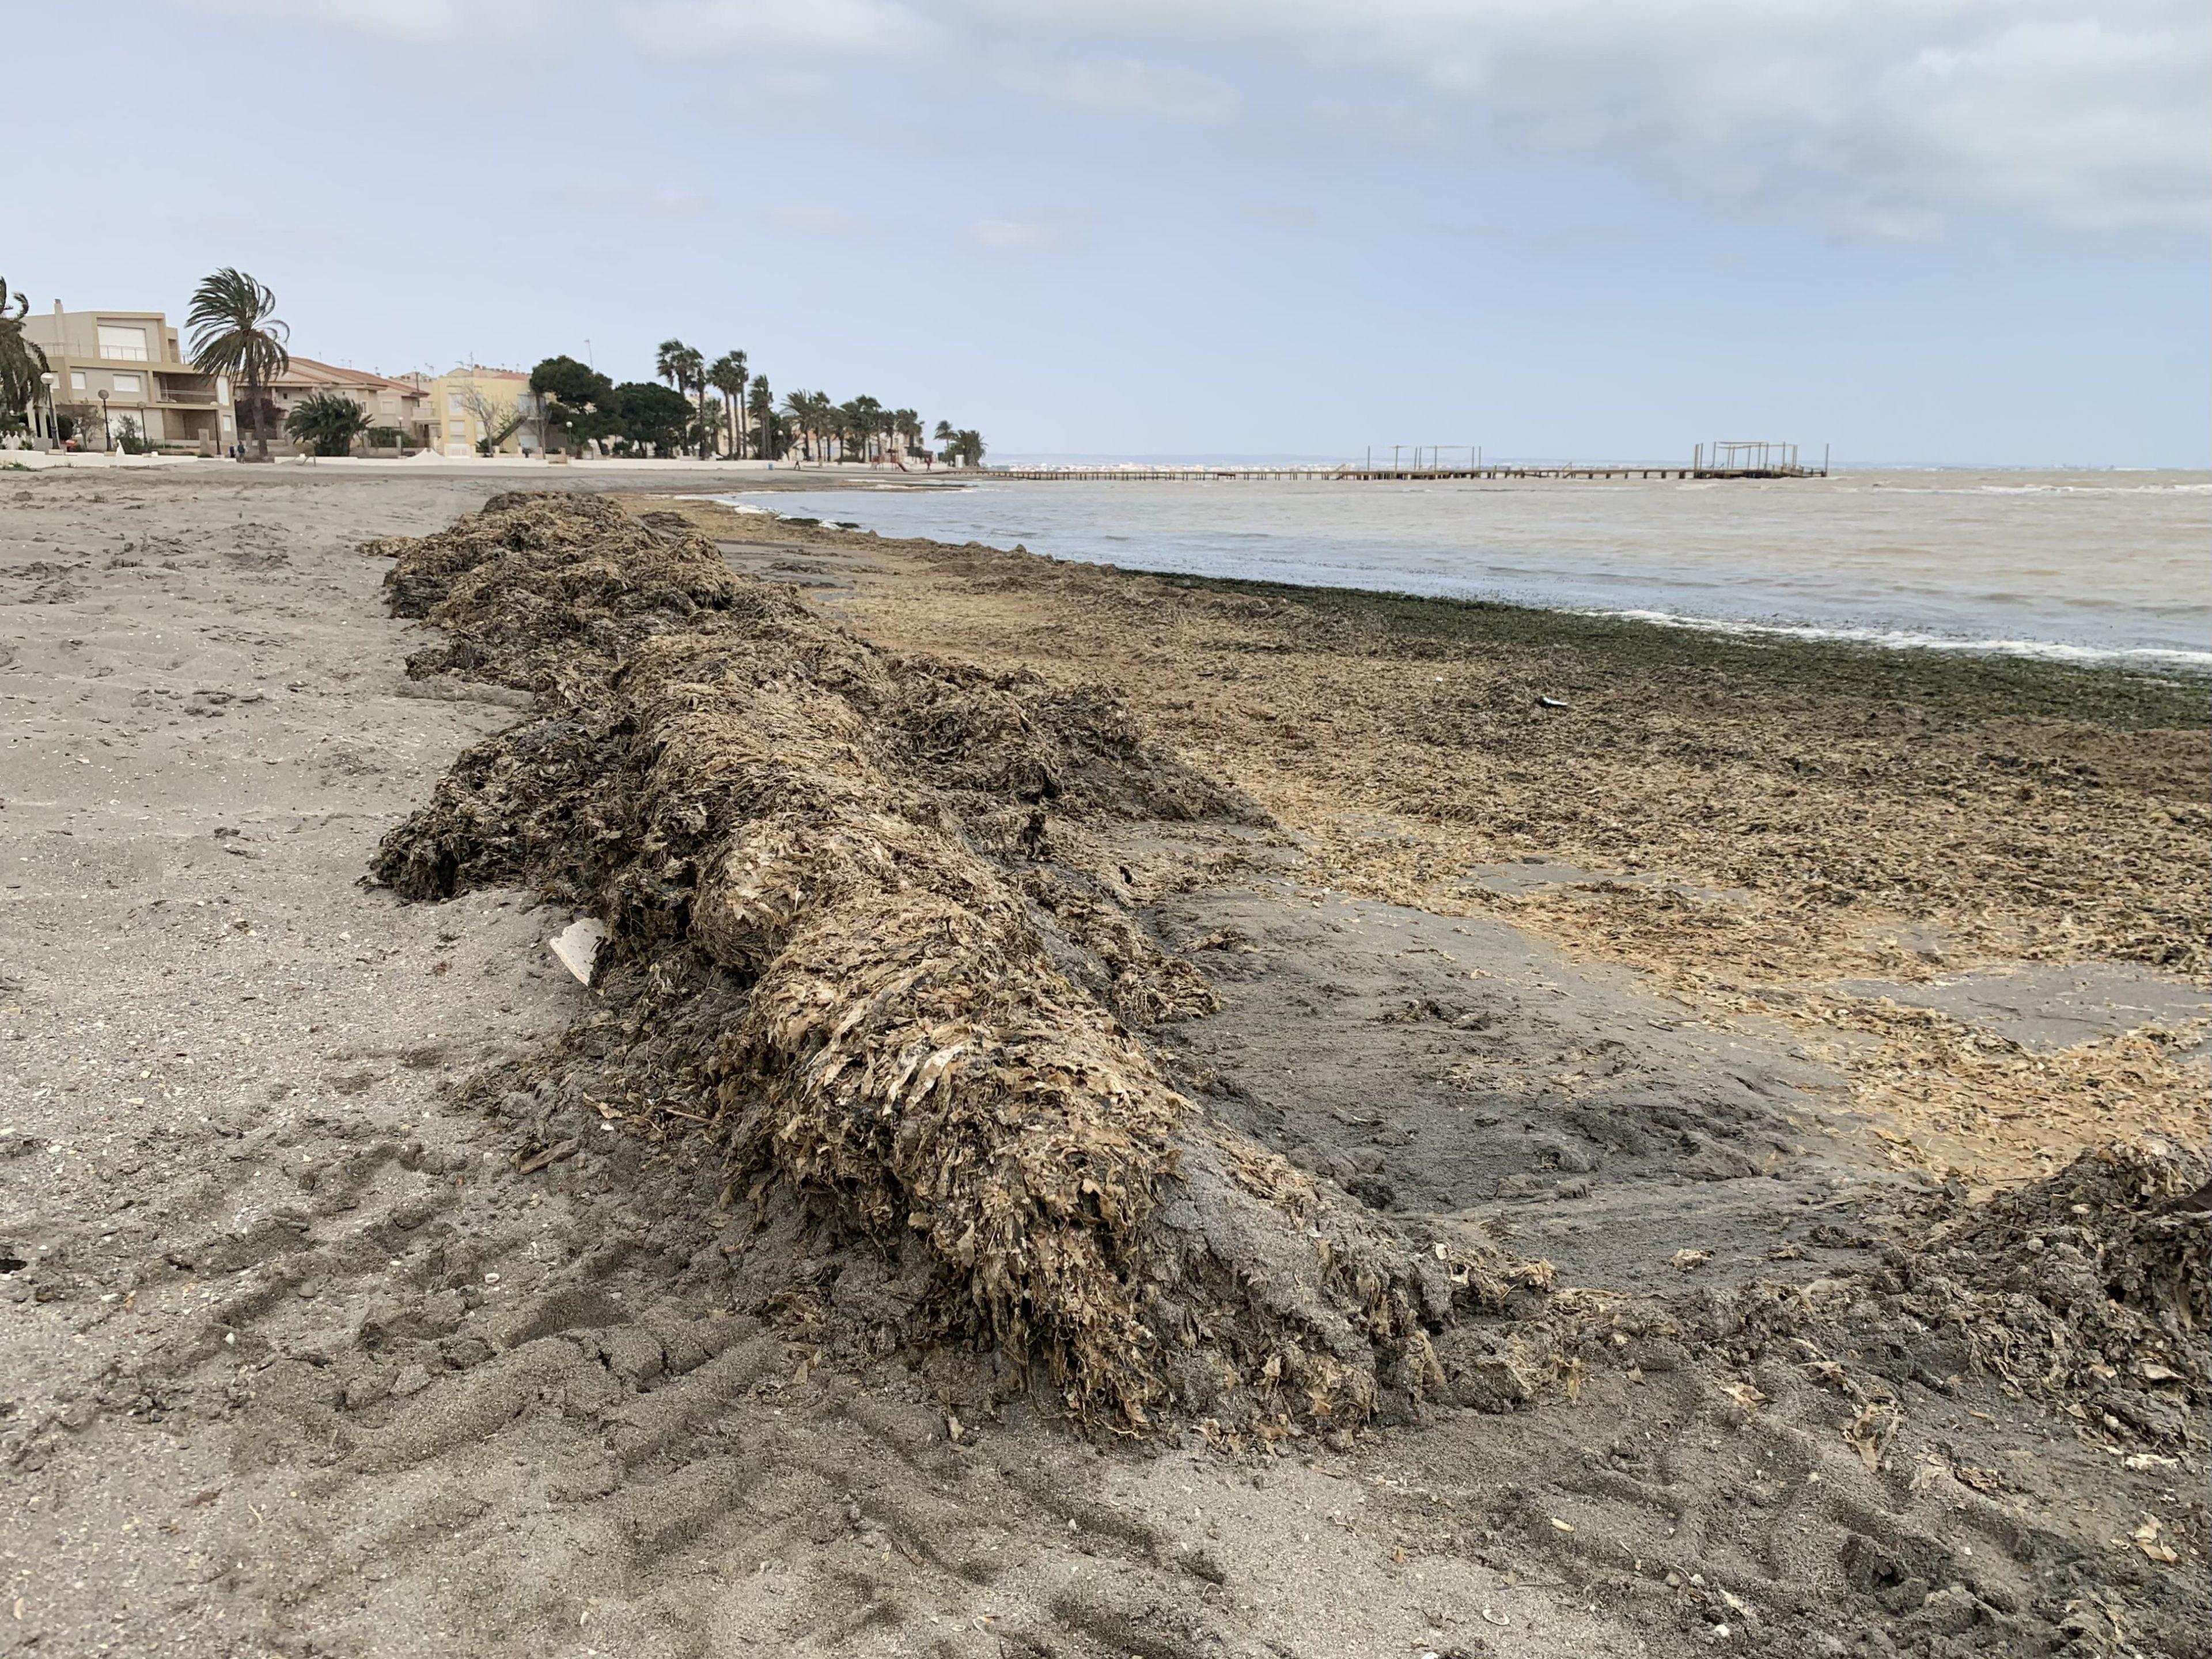 Algas acumulados en la playa de Los Urrutias